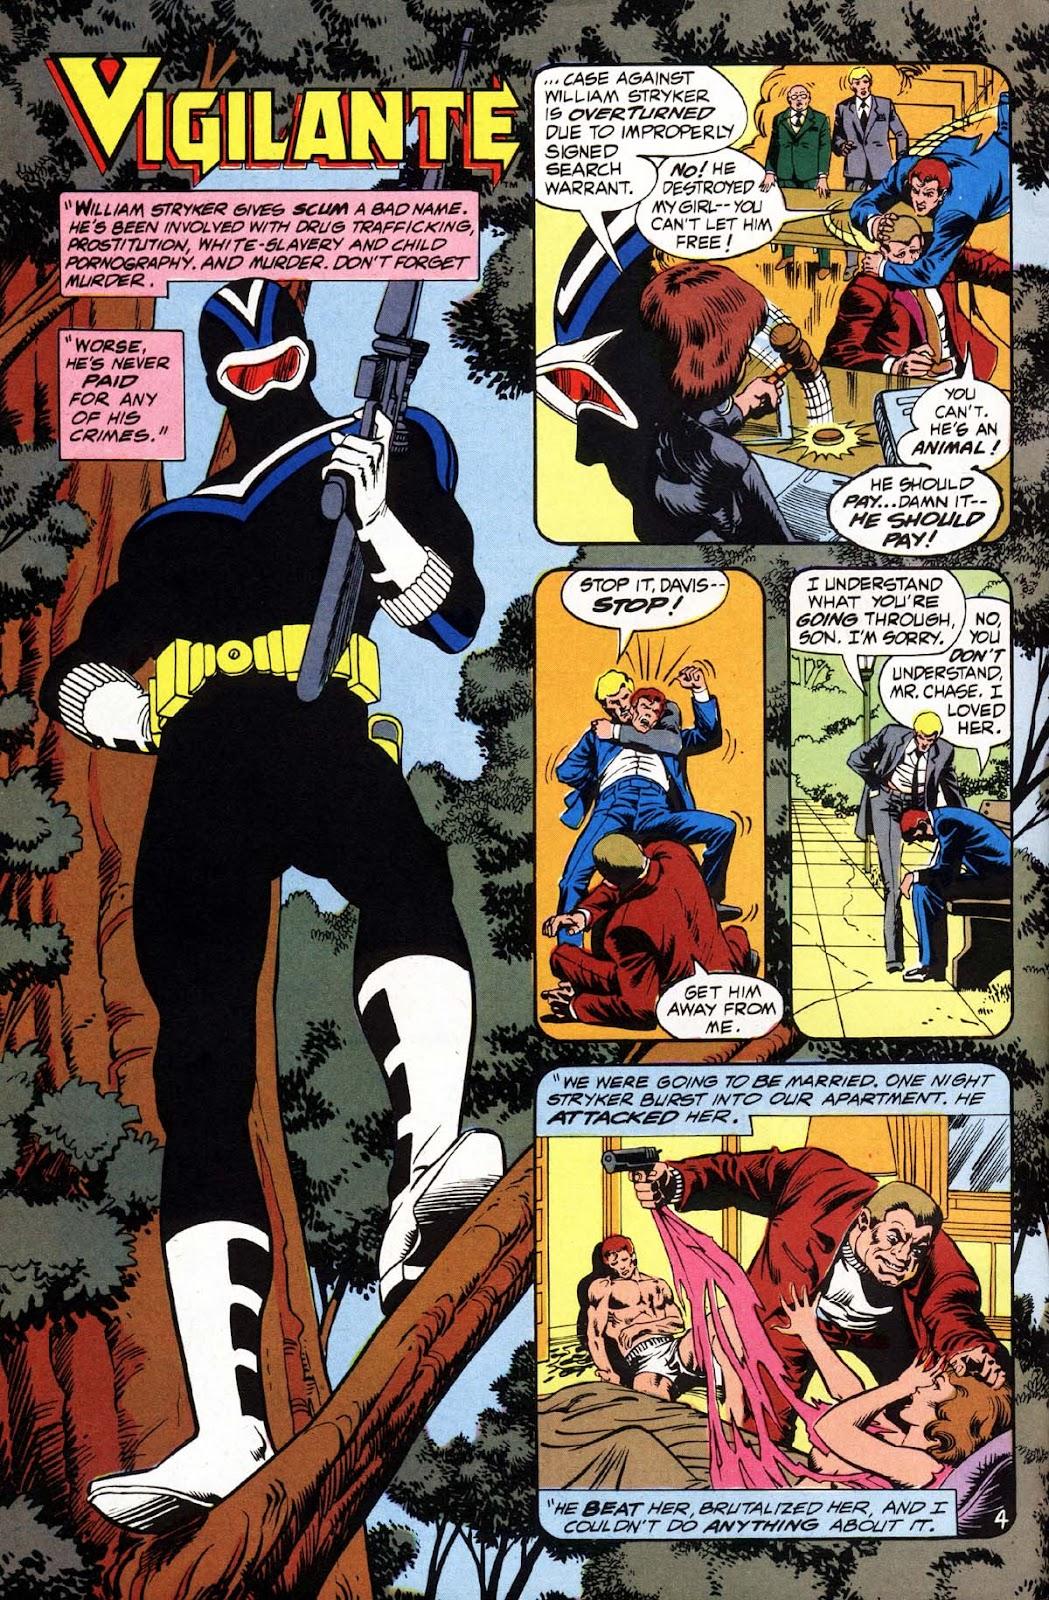 Vigilante (1983) issue 3 - Page 5